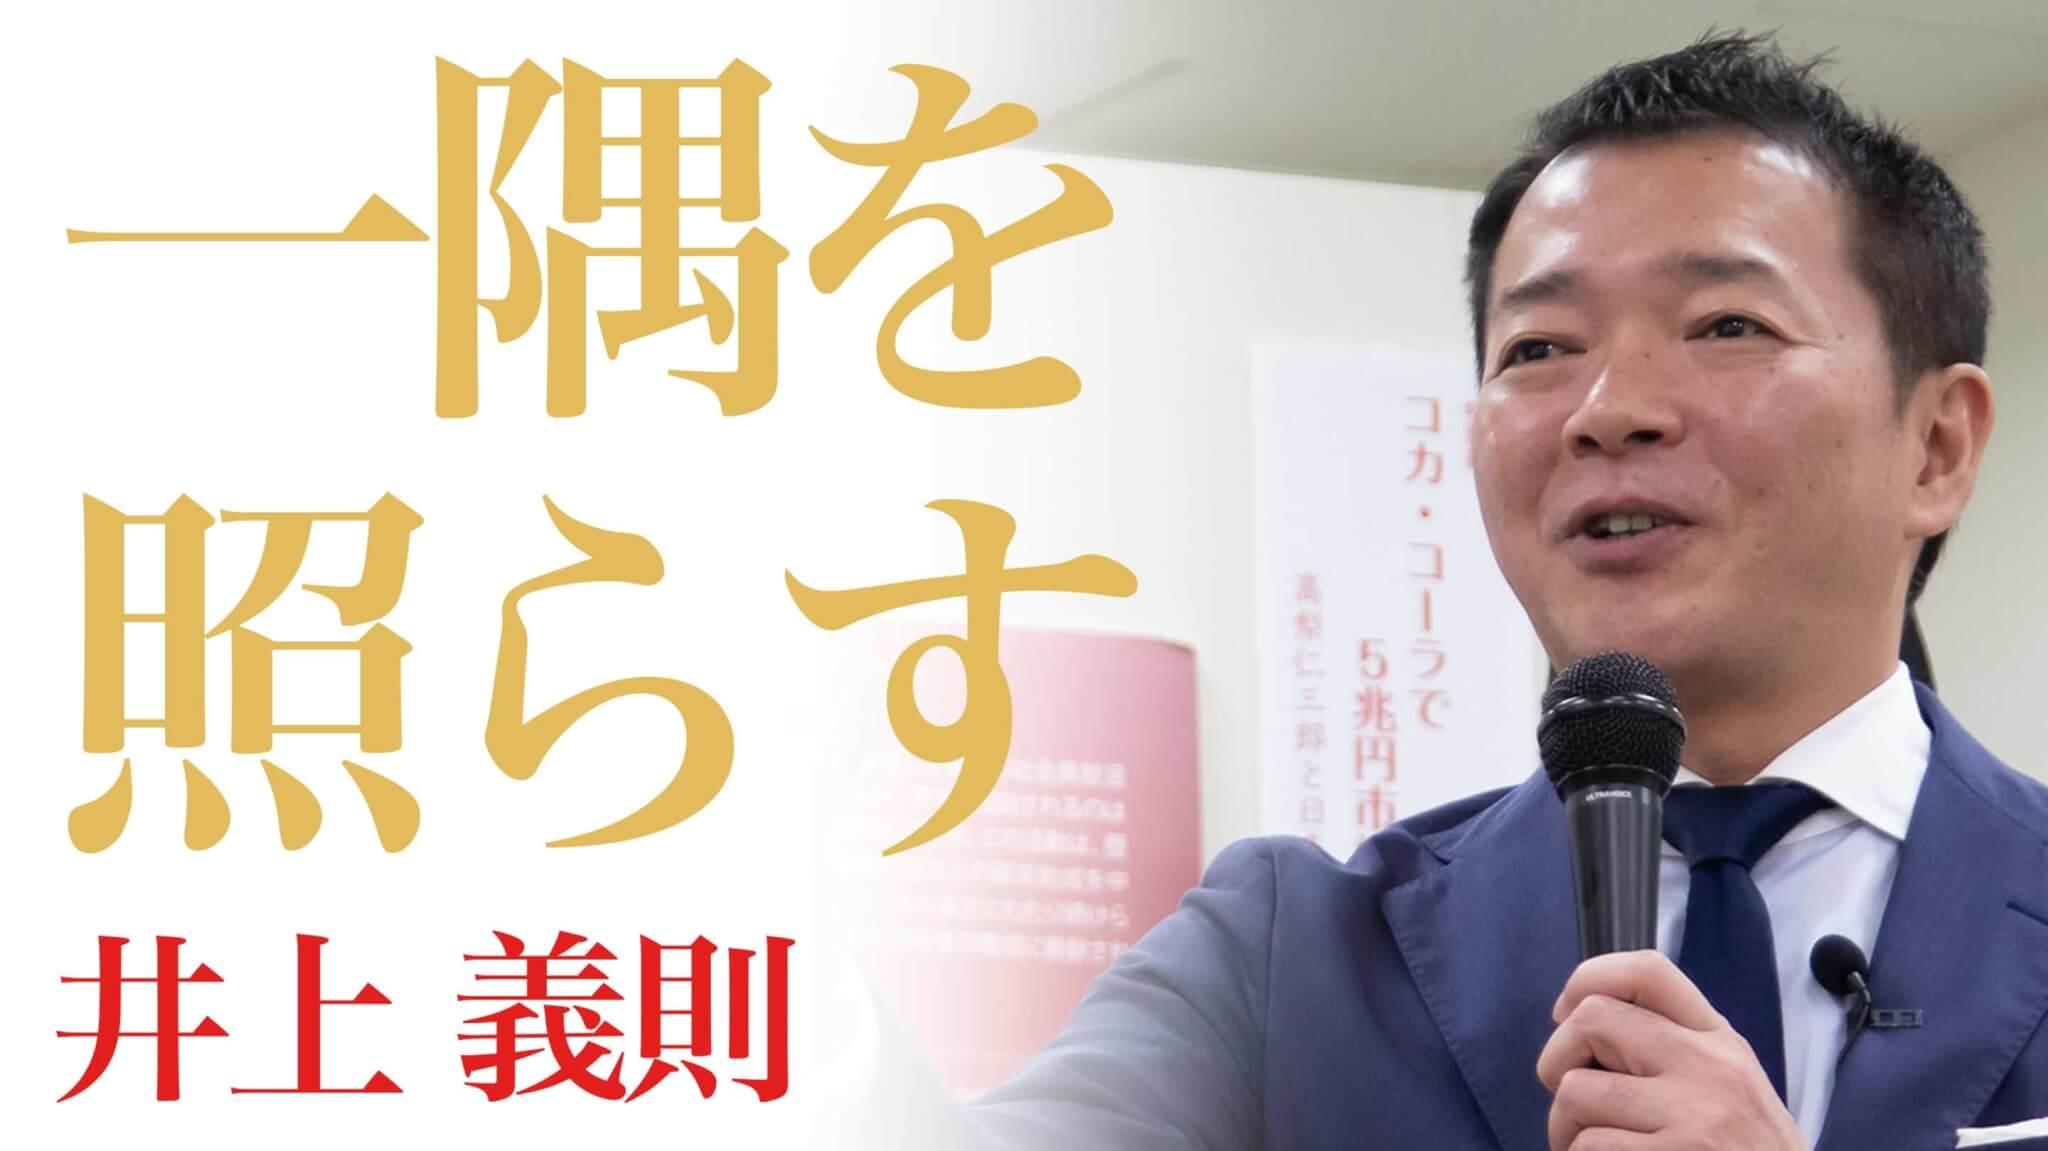 私の経営道 株式会社八芳園 井上義則 総支配人